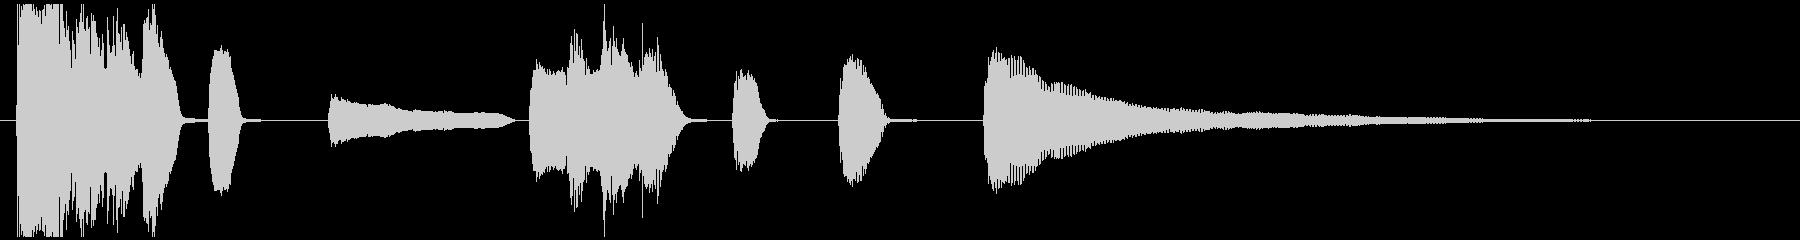 ピアノ・シンプル・ジングル・切り替えの未再生の波形